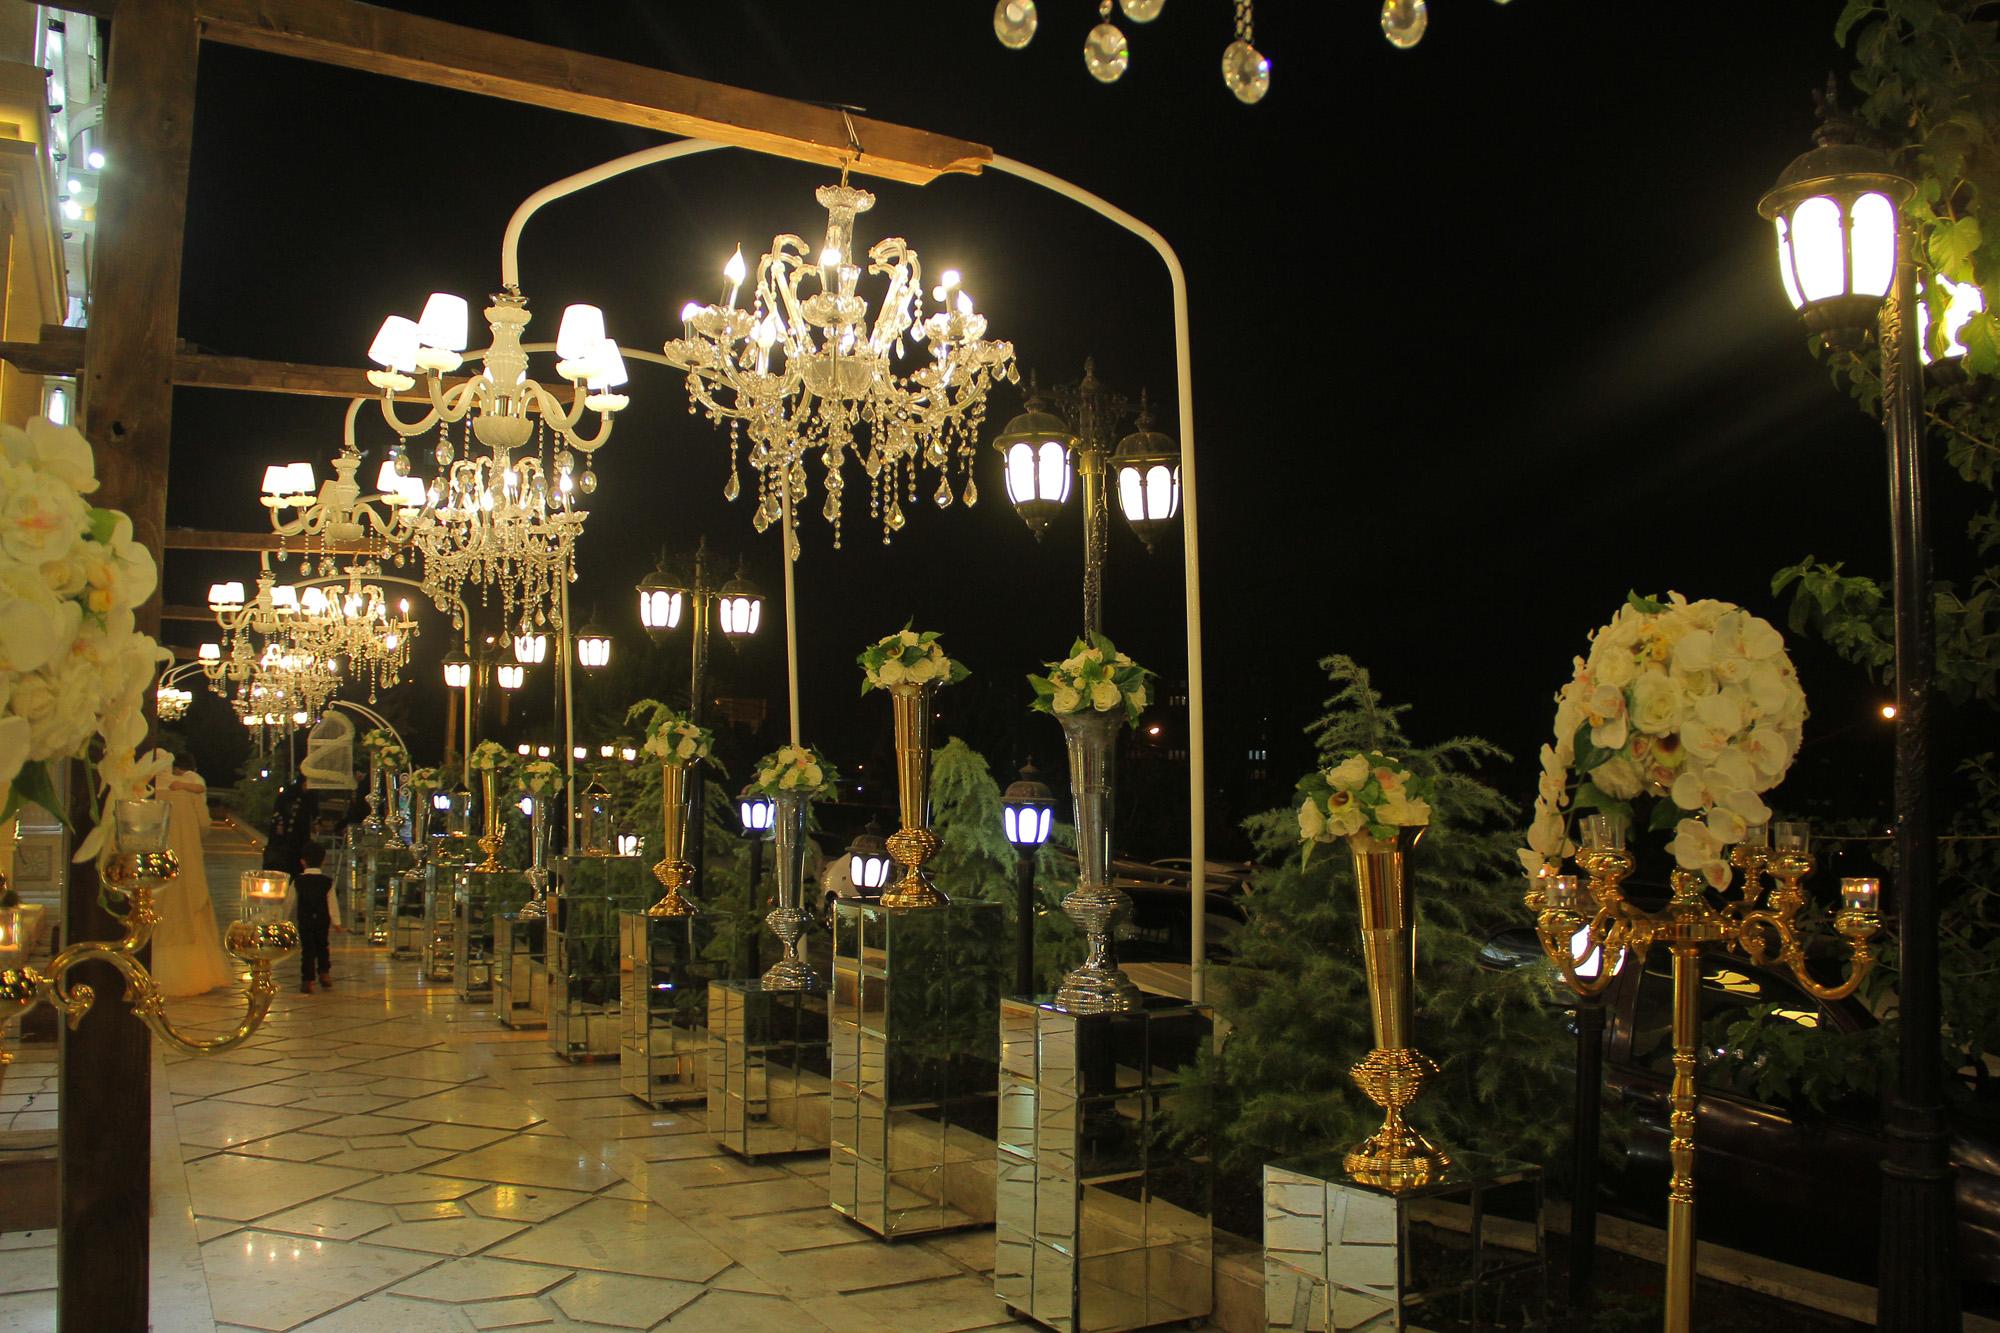 نمای ورودی عمارت در شب